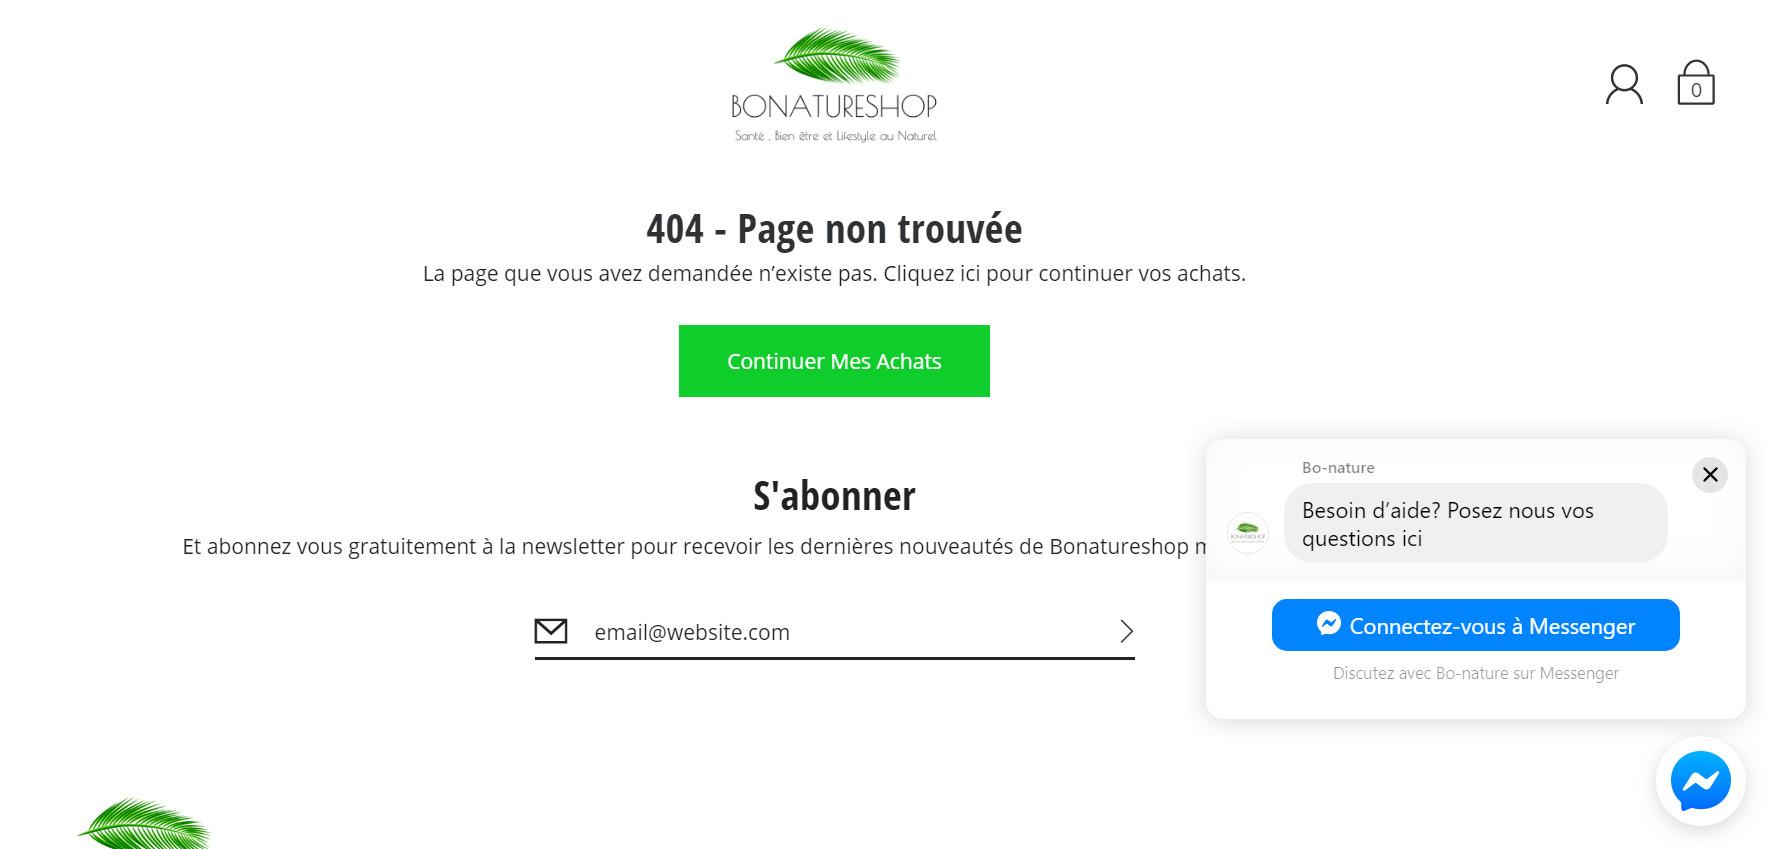 erreurs 4040 site e-commerce rupture de stock produit saisonnier